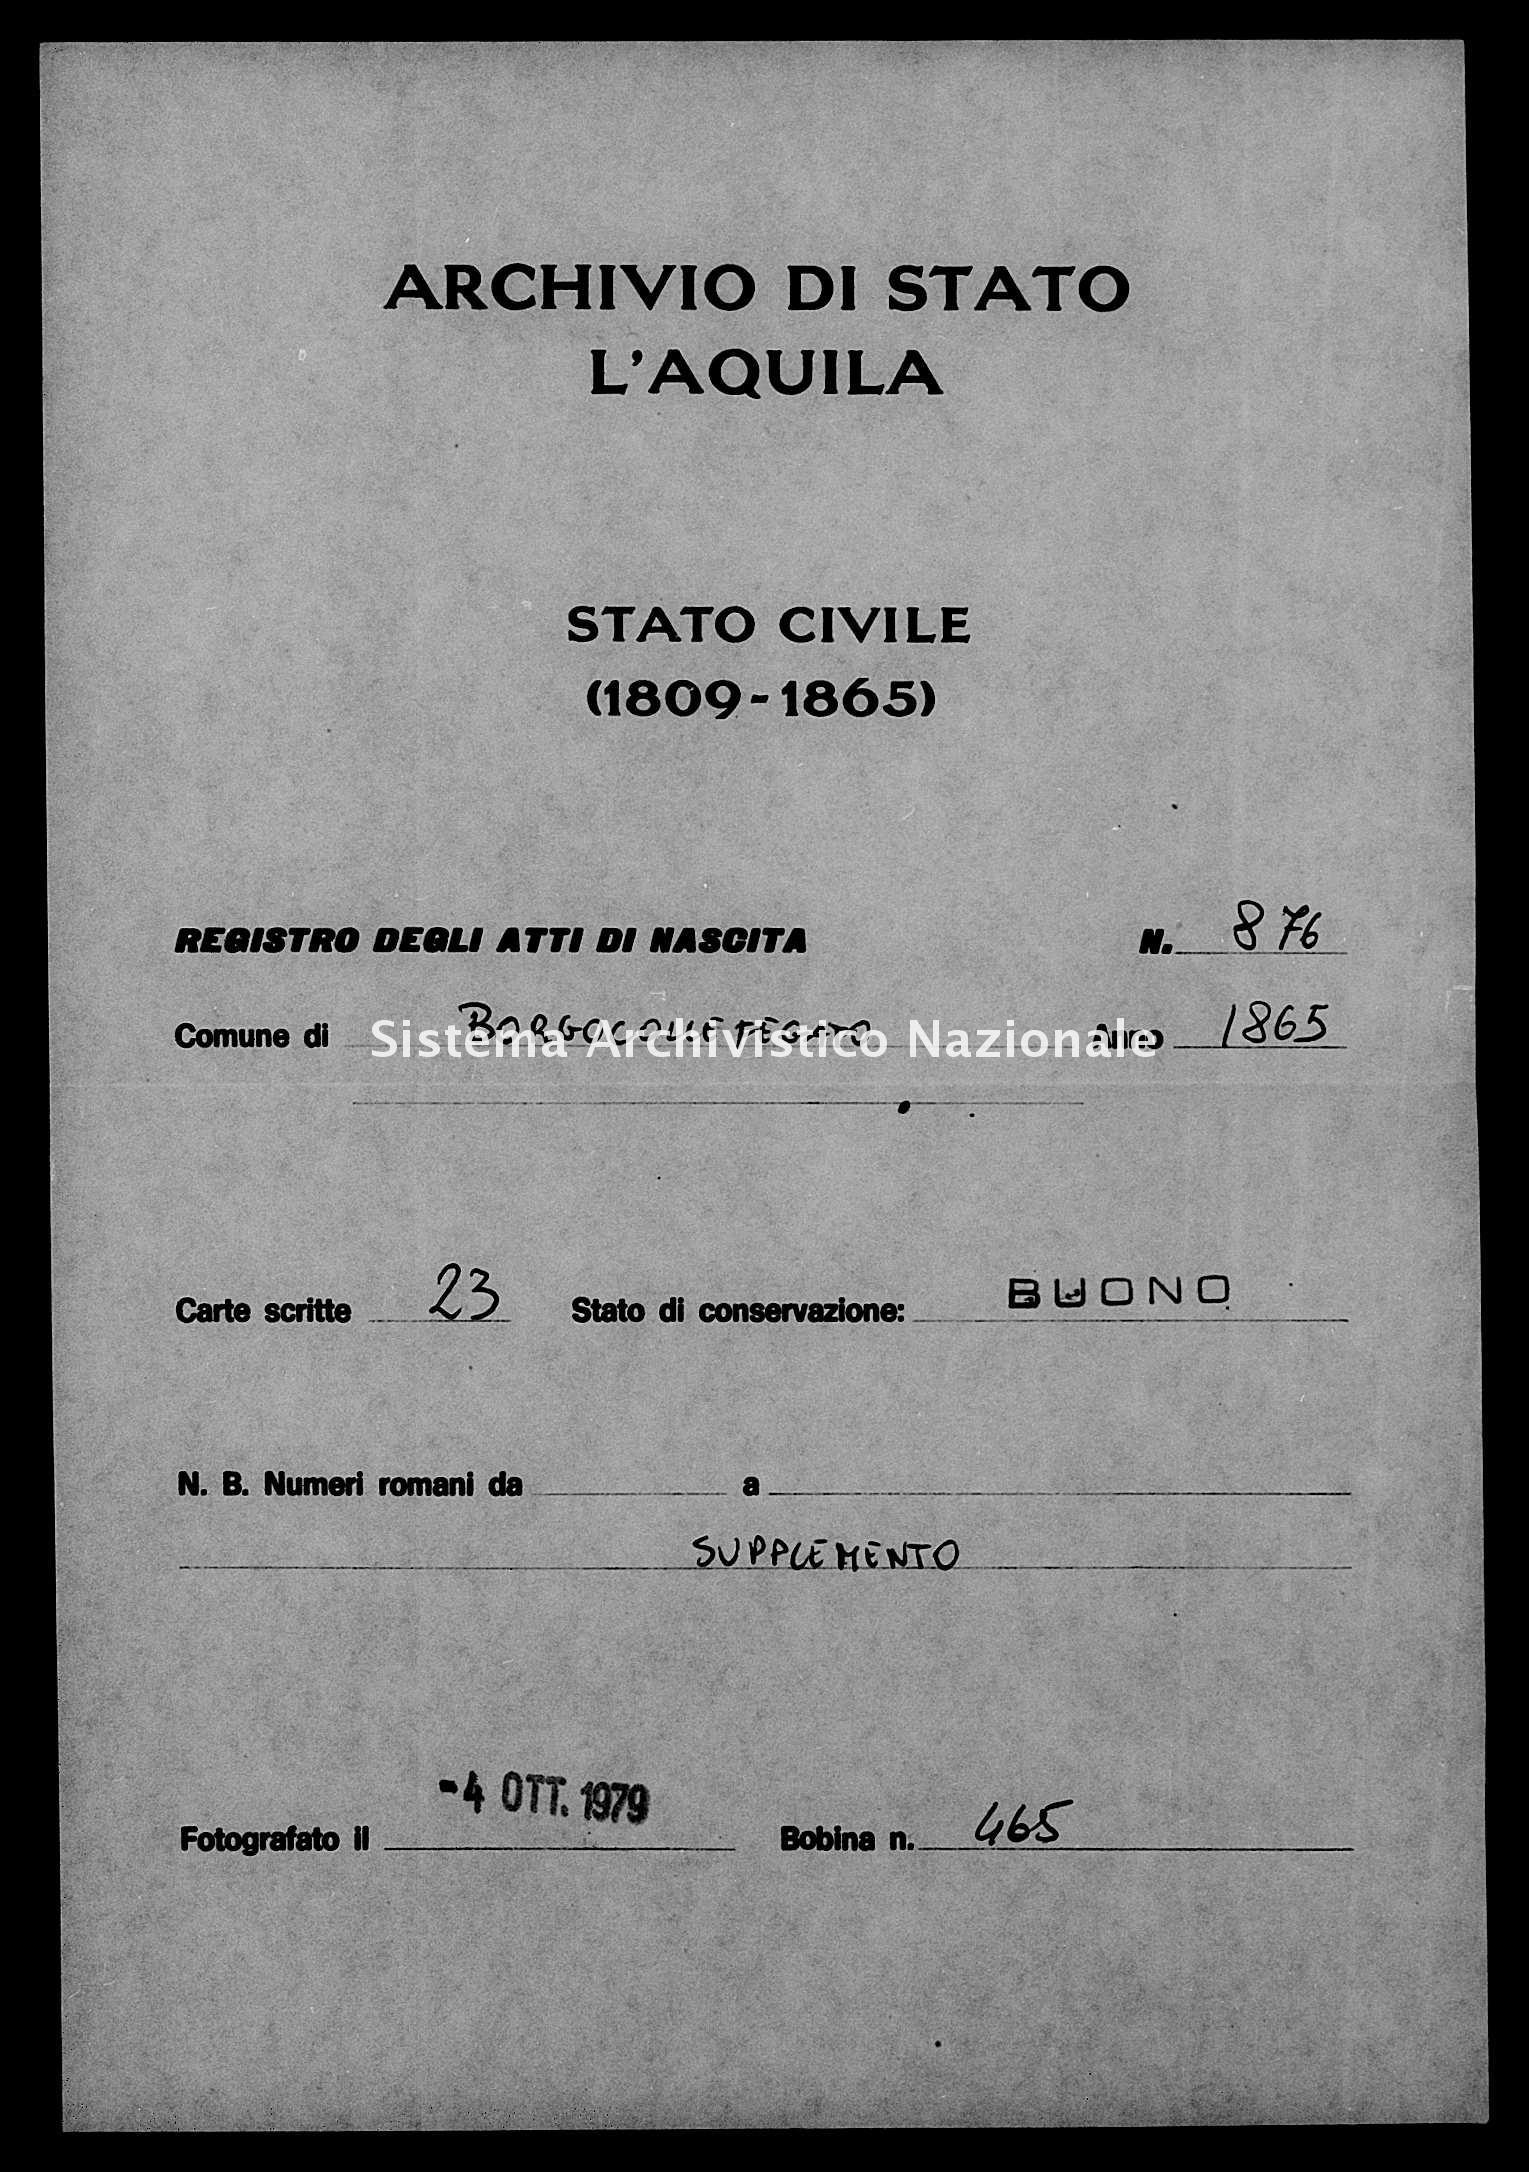 Archivio di stato di L'aquila - Stato civile italiano - Borgocollefegato - Nati, battesimi - 1865 - 876 -